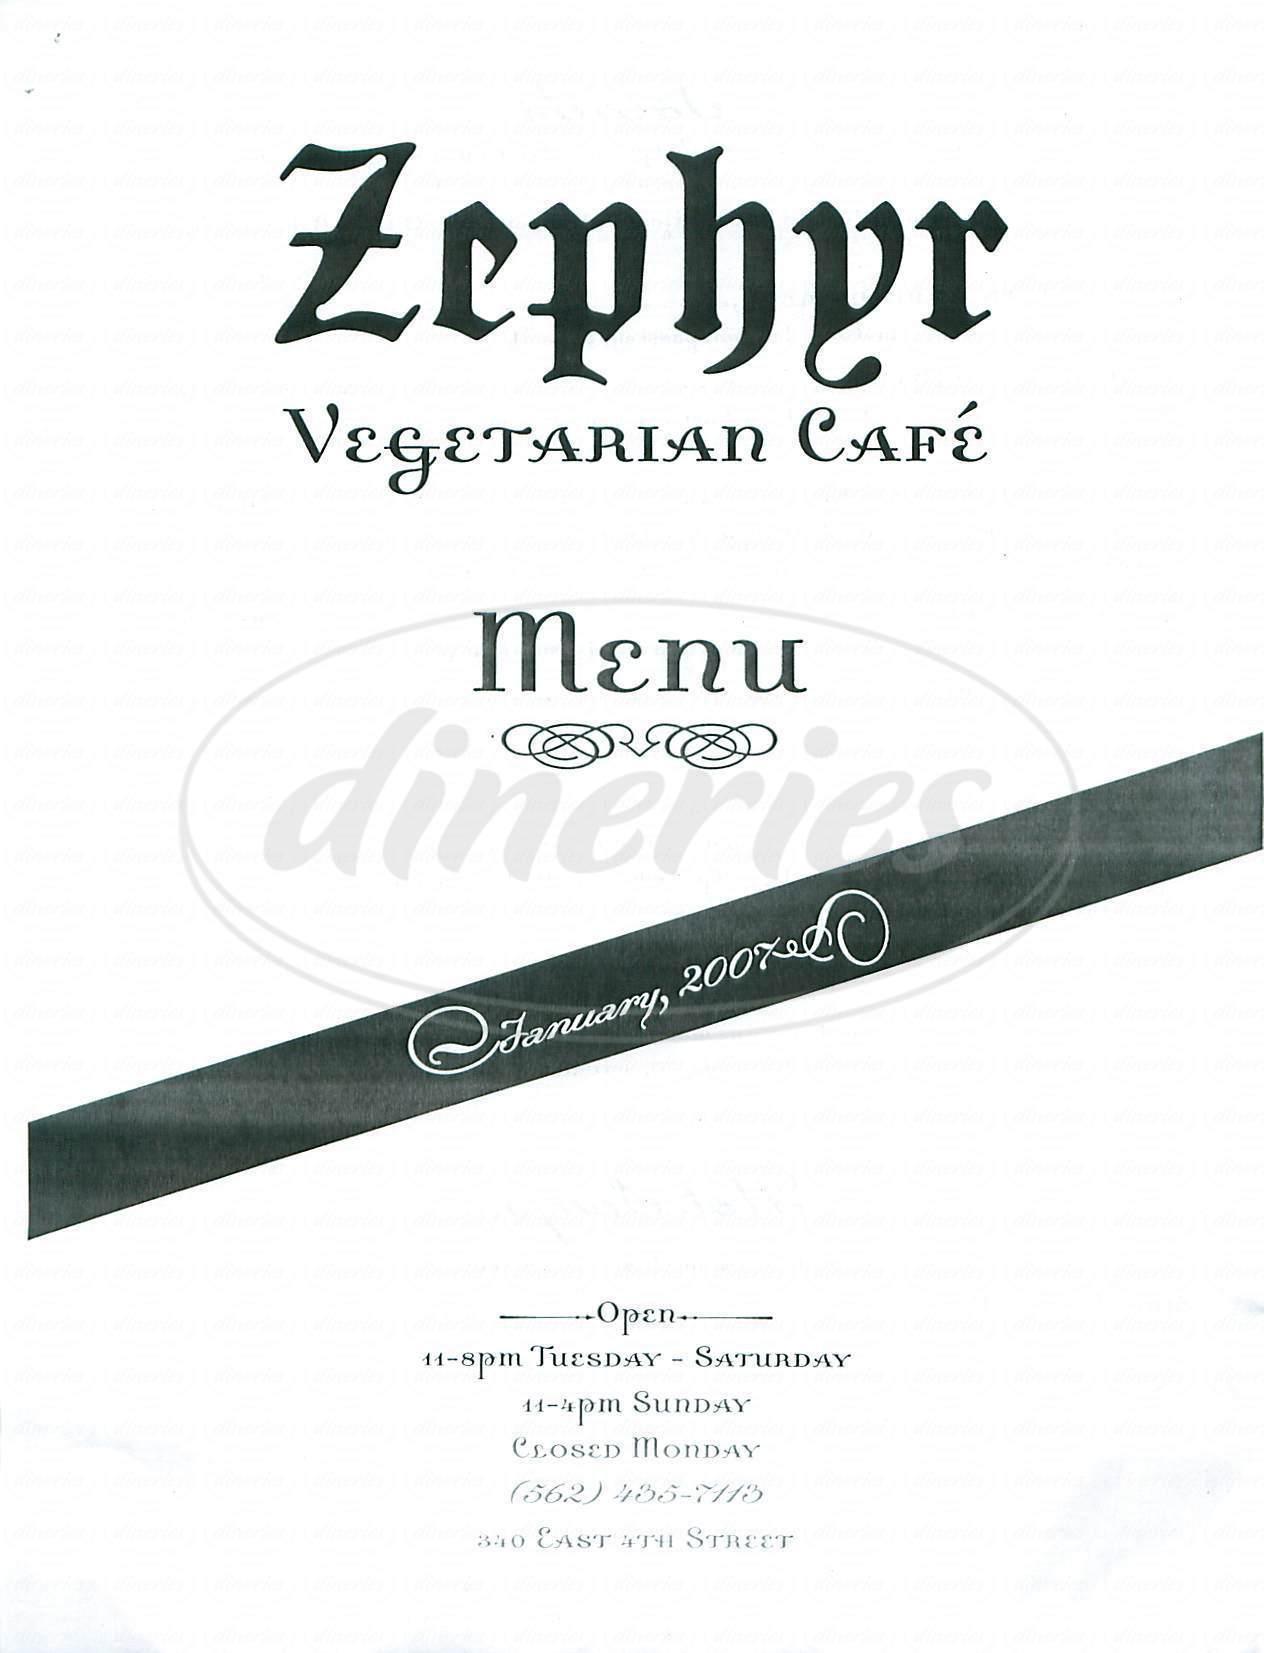 menu for Zephyr Vegetarian Café